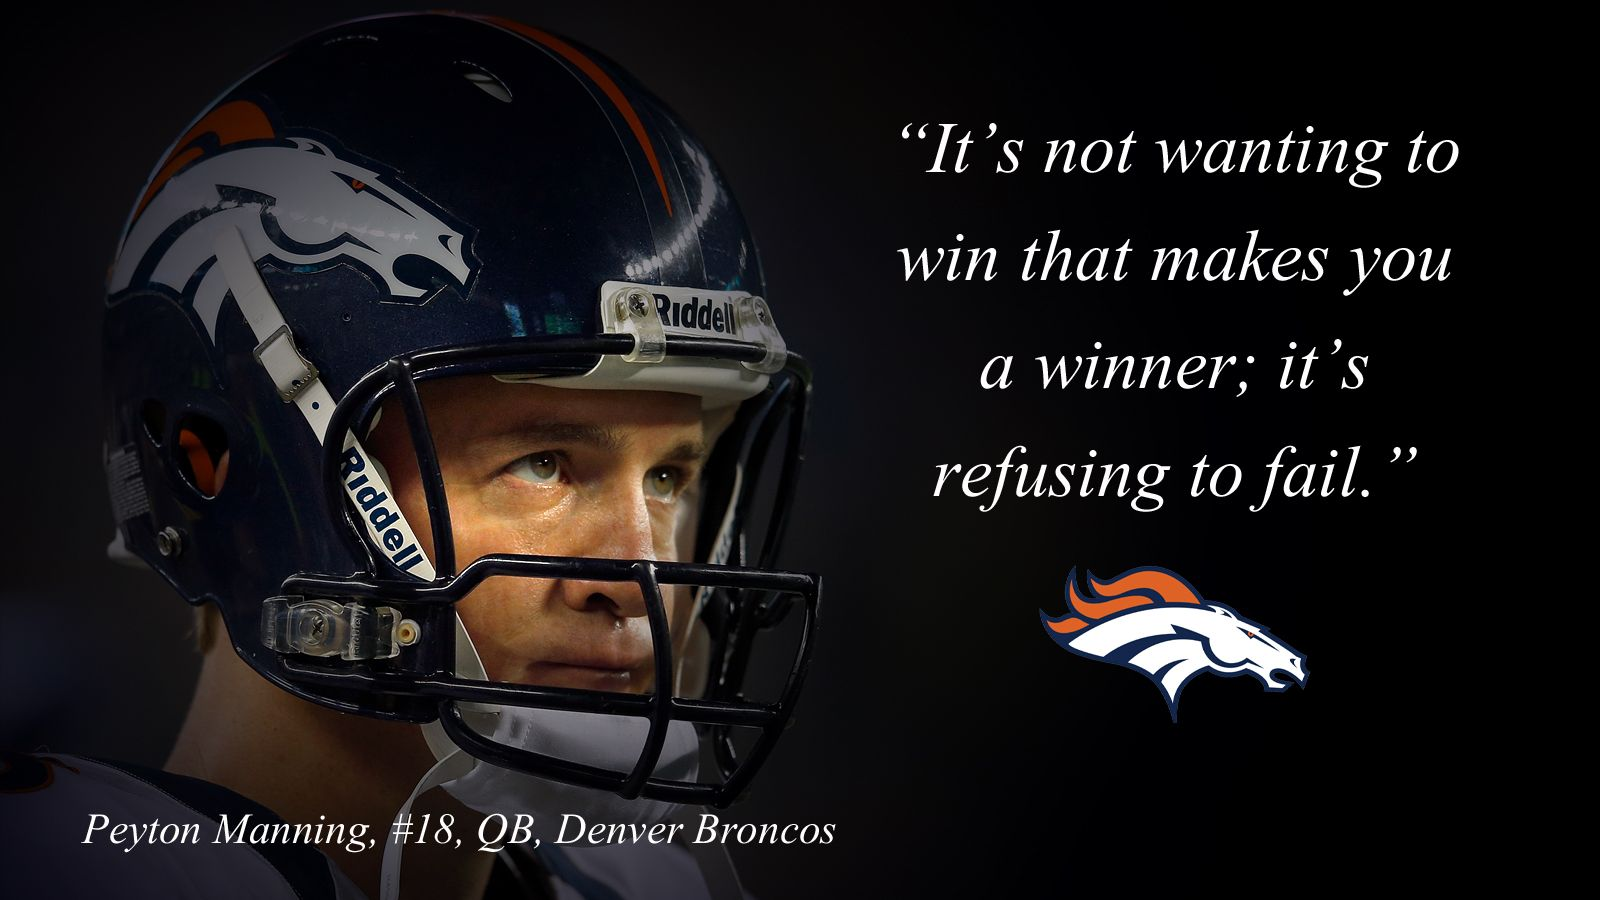 Peyton Manning Pictures Bronco Peyton Manning Broncos Hd Wallpaper And Free Download Wallpaper Peyton Manning Quotes Peyton Manning Denver Broncos